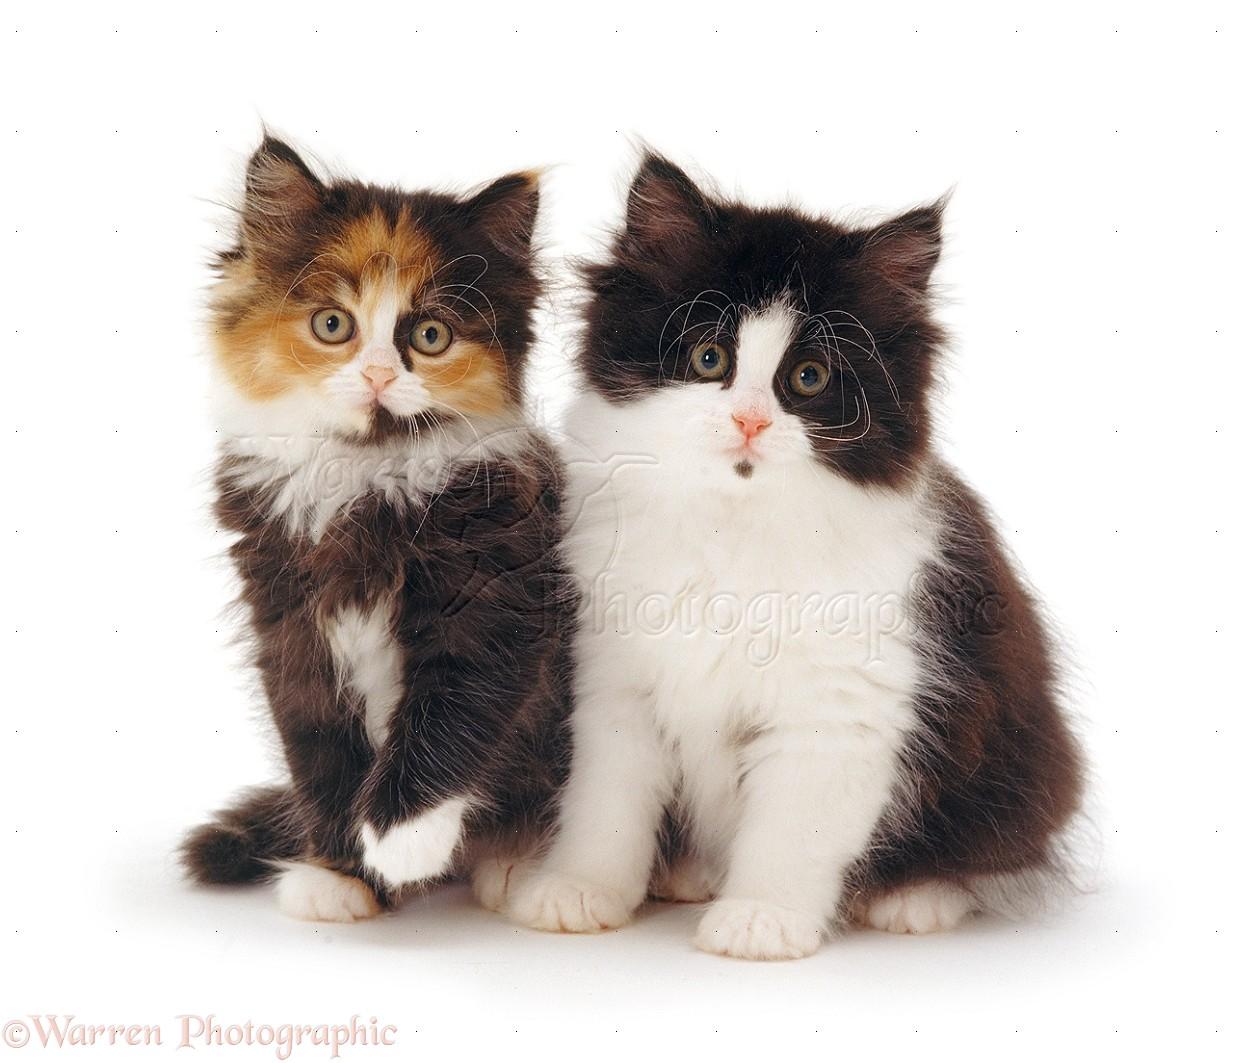 Black And White And Tortoiseshell Kittens Photo Wp32053